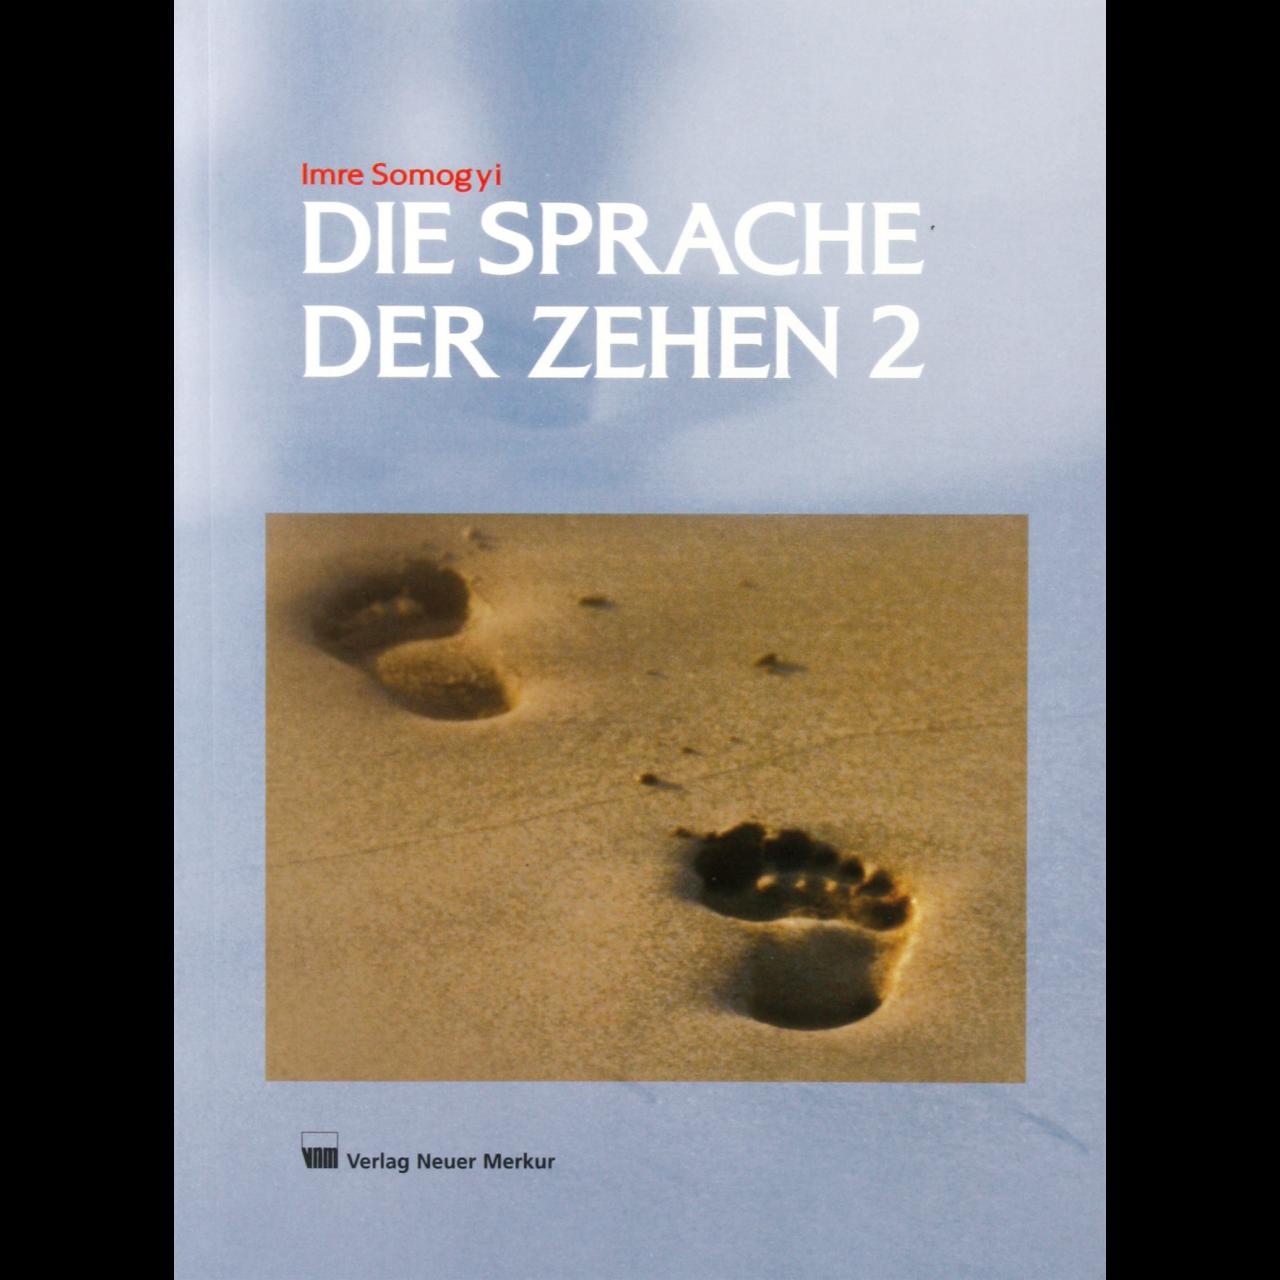 Die Sprache der Zehen 2,Fachbuch 168 Seiten